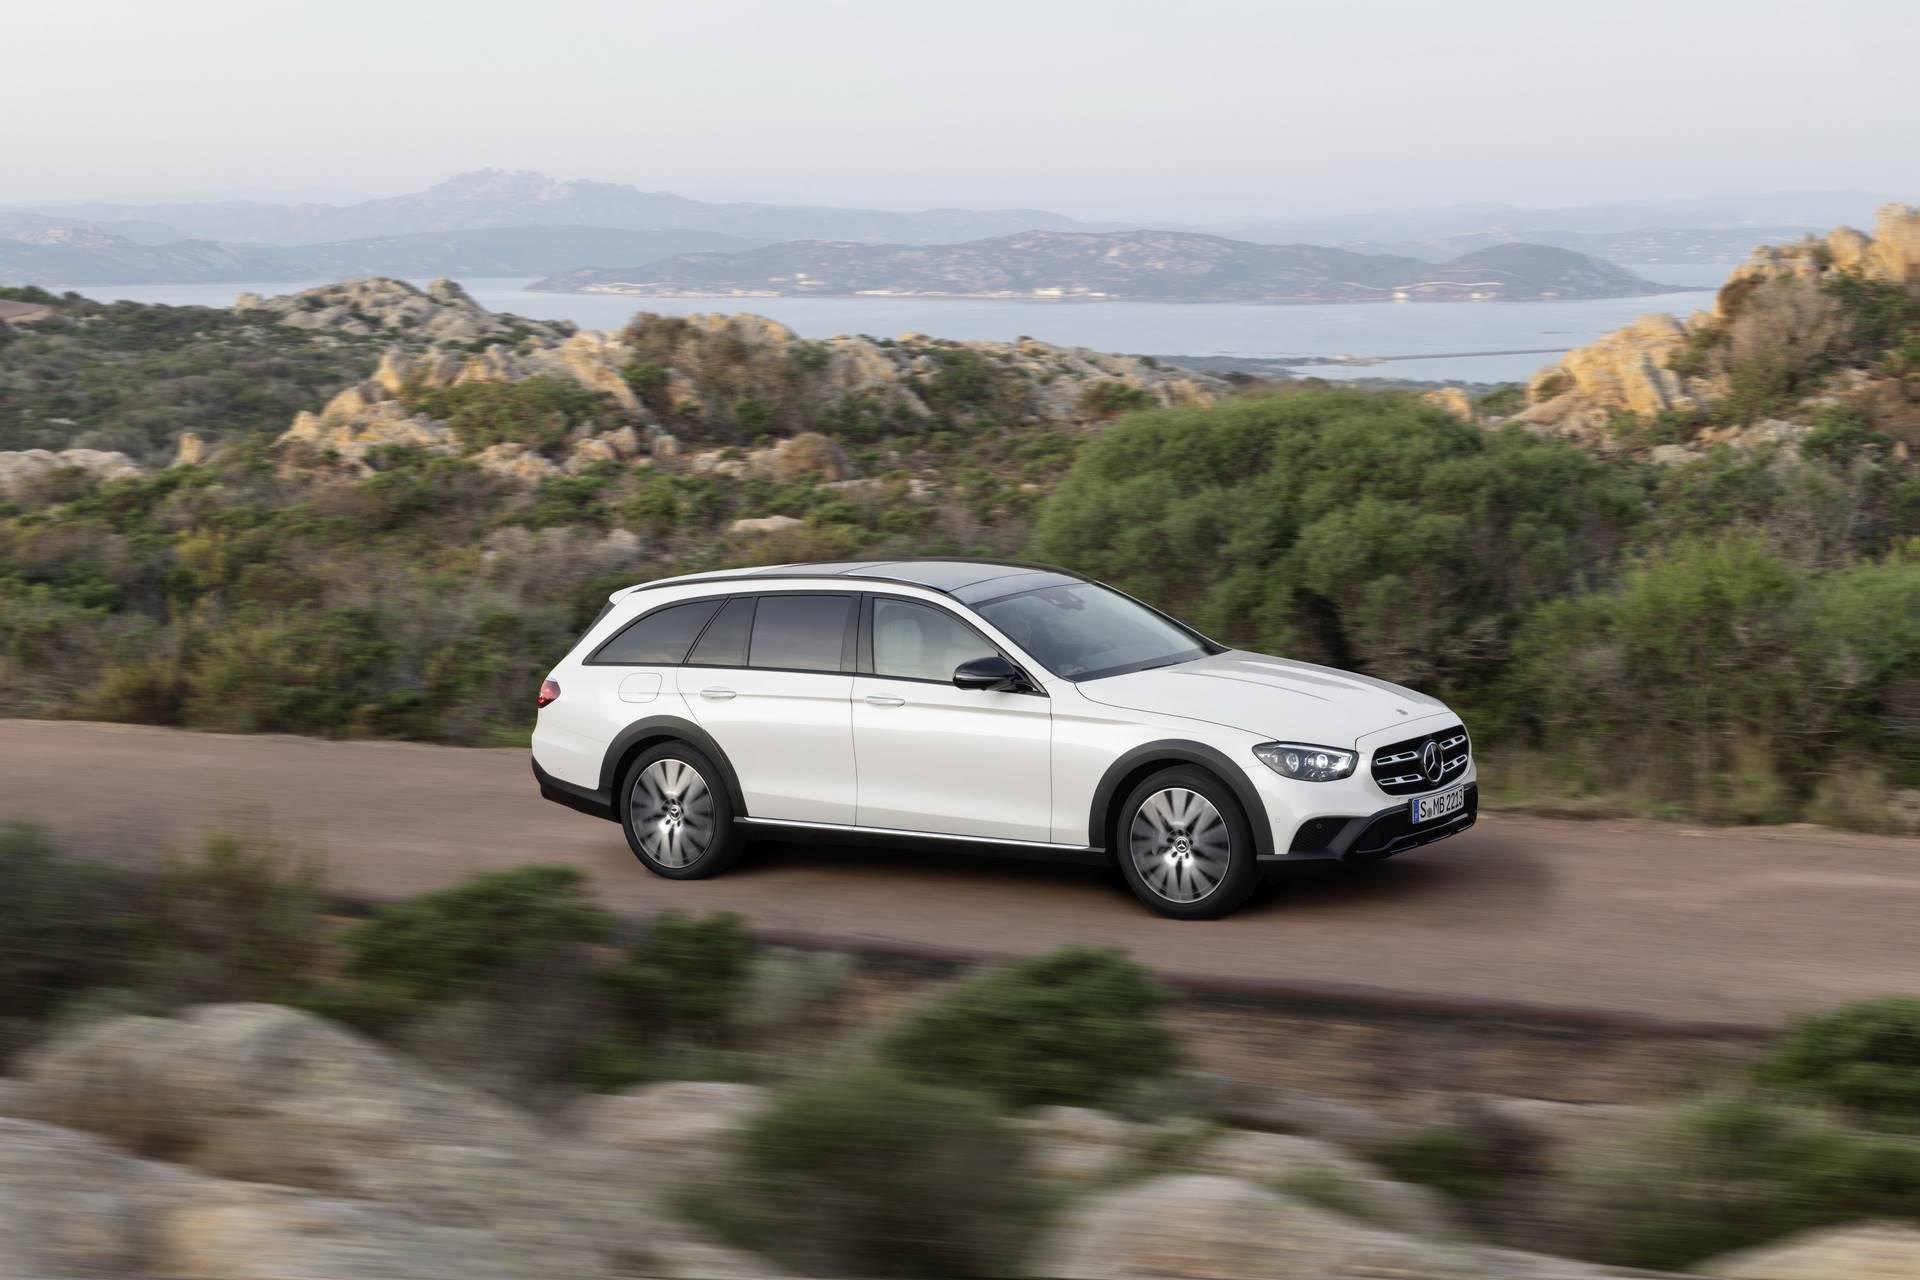 Mercedes-Benz-E-Class-All-Terrain-facelift-2020-11